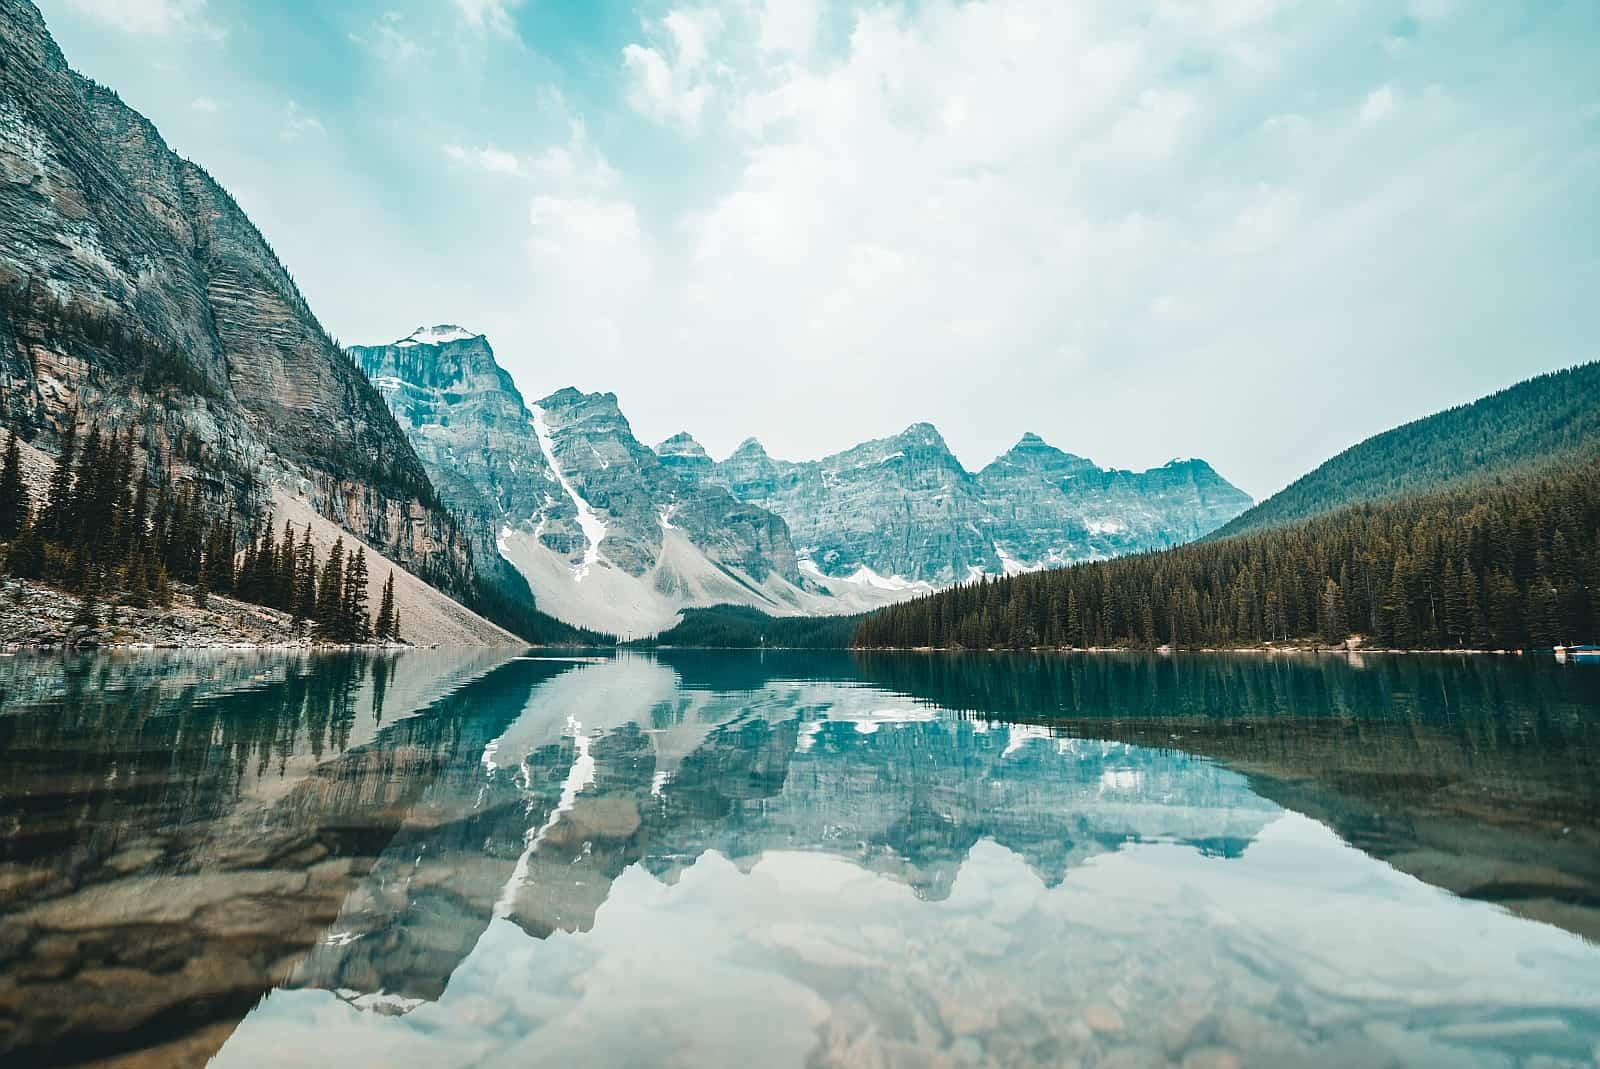 Wandern In Kanada Die Beste Reiseart Um Die Natur Zu